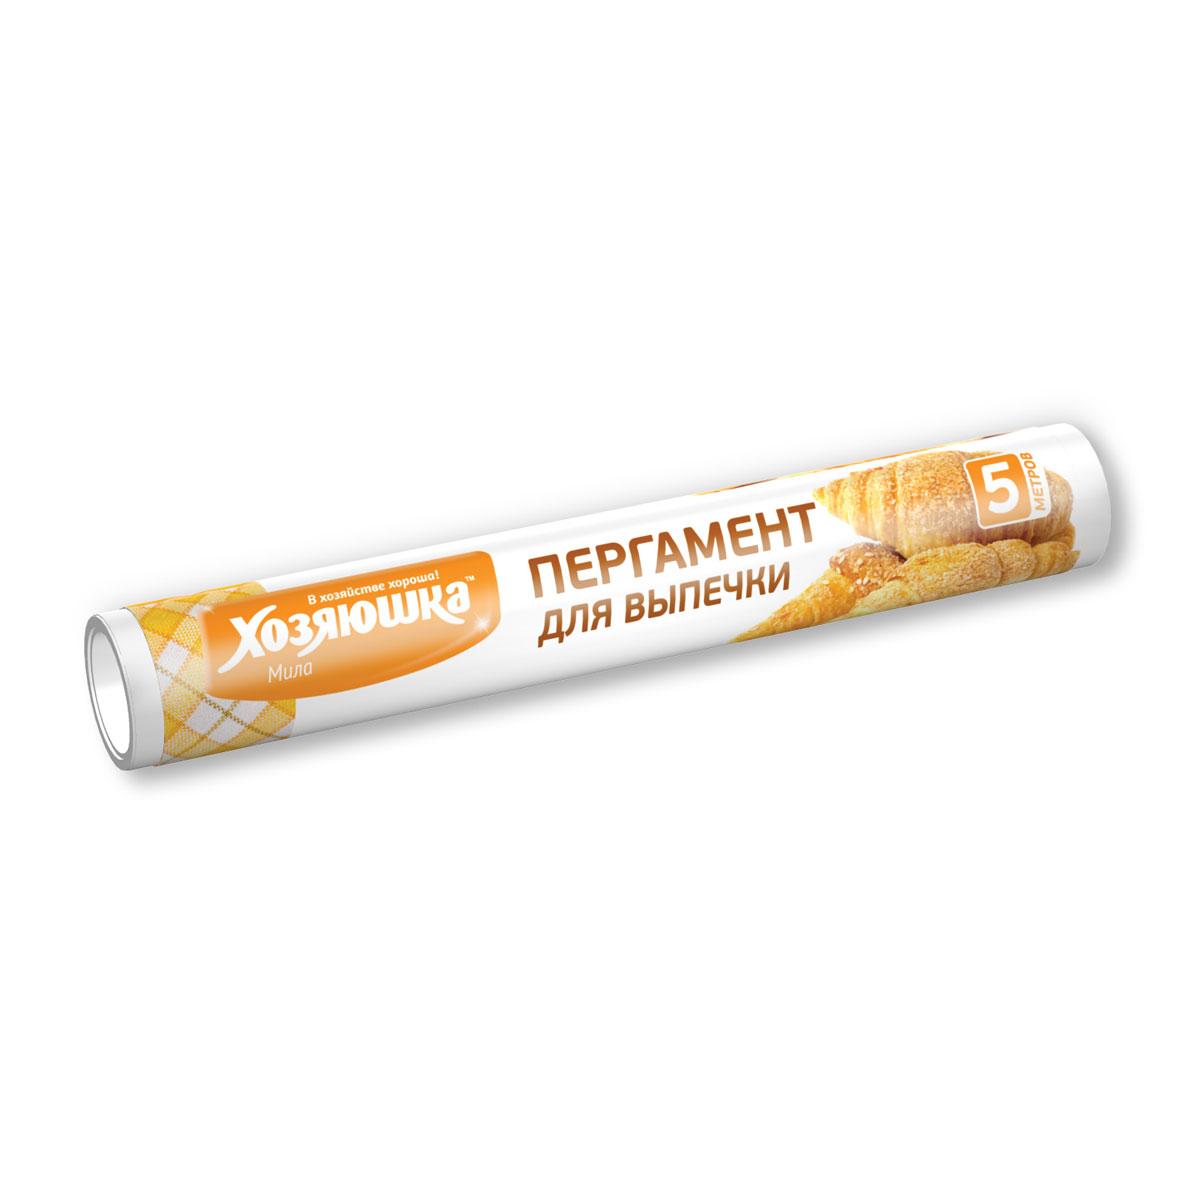 Пергамент для выпечки Хозяюшка Мила, пищевой, 5 м09014Пергамент для выпечки Хозяюшка Мила – экологичный, прочный, стойкий к высоким температурам материал. Особенность пергамента – это устойчивость к воздействию жира, поэтому пергамент идеален для выпечки, а также для упаковки пищевых продуктов: масло, творог, сыр, фарш.